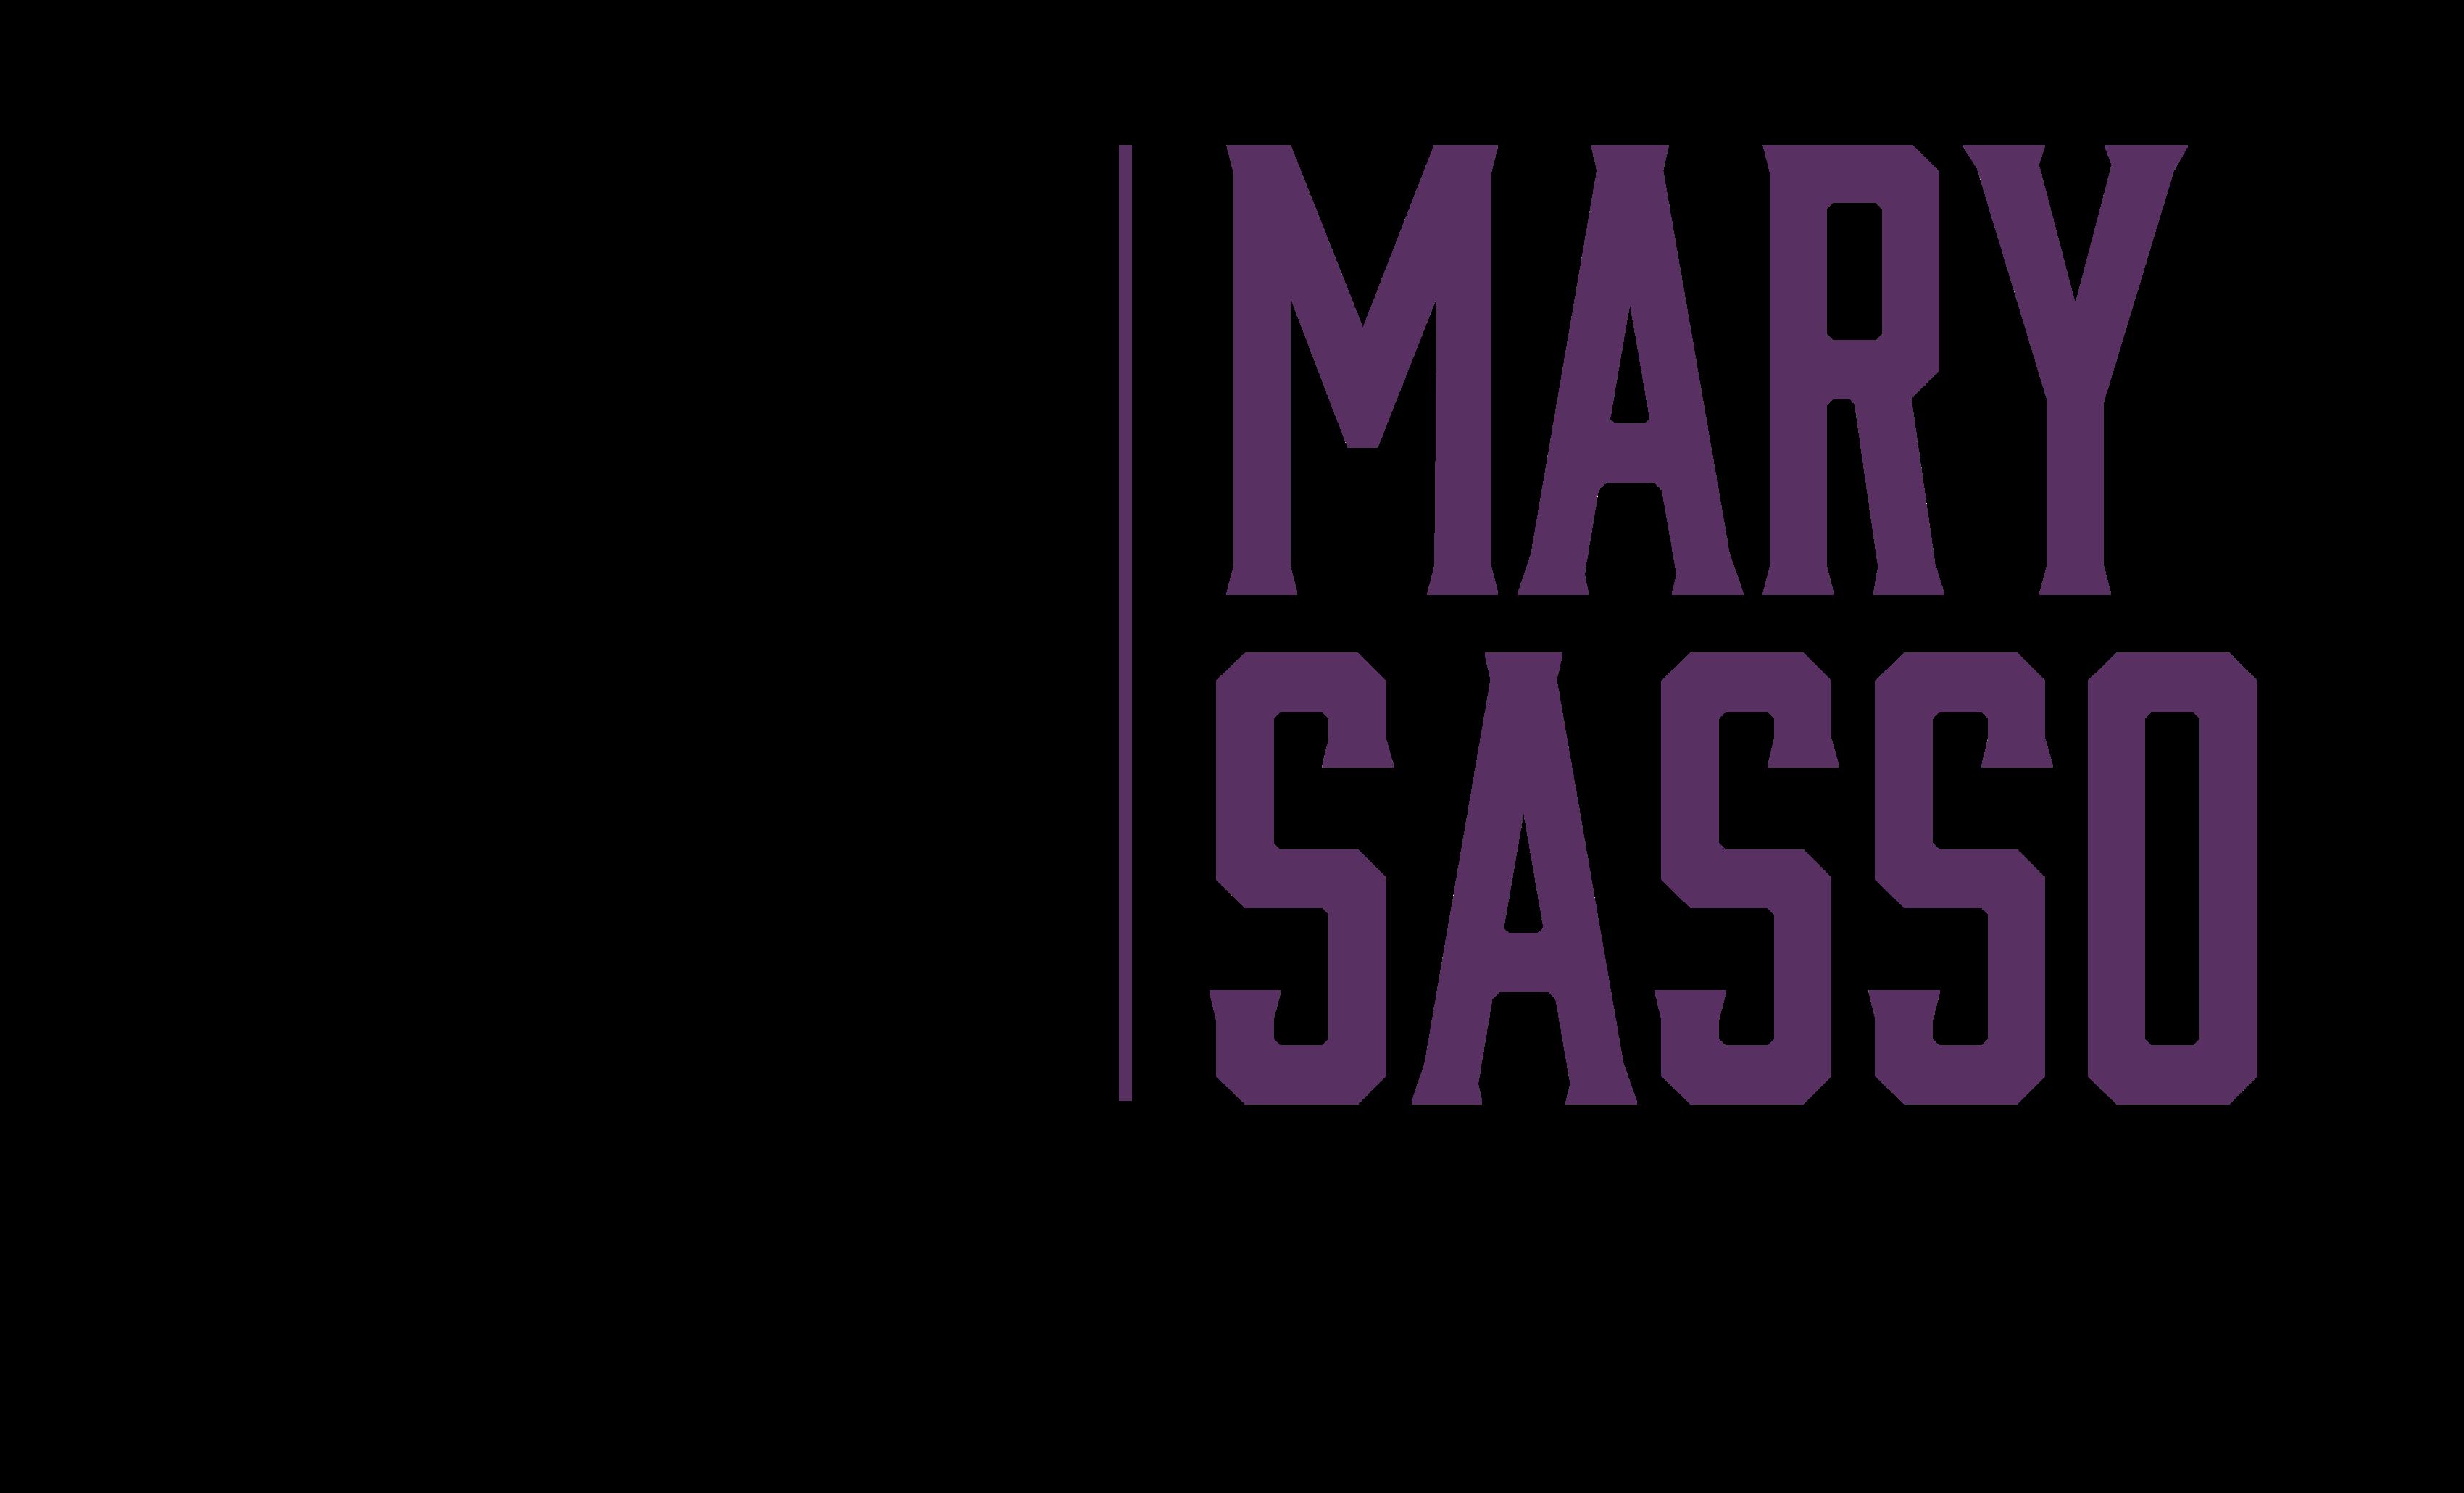 Mary Sasso